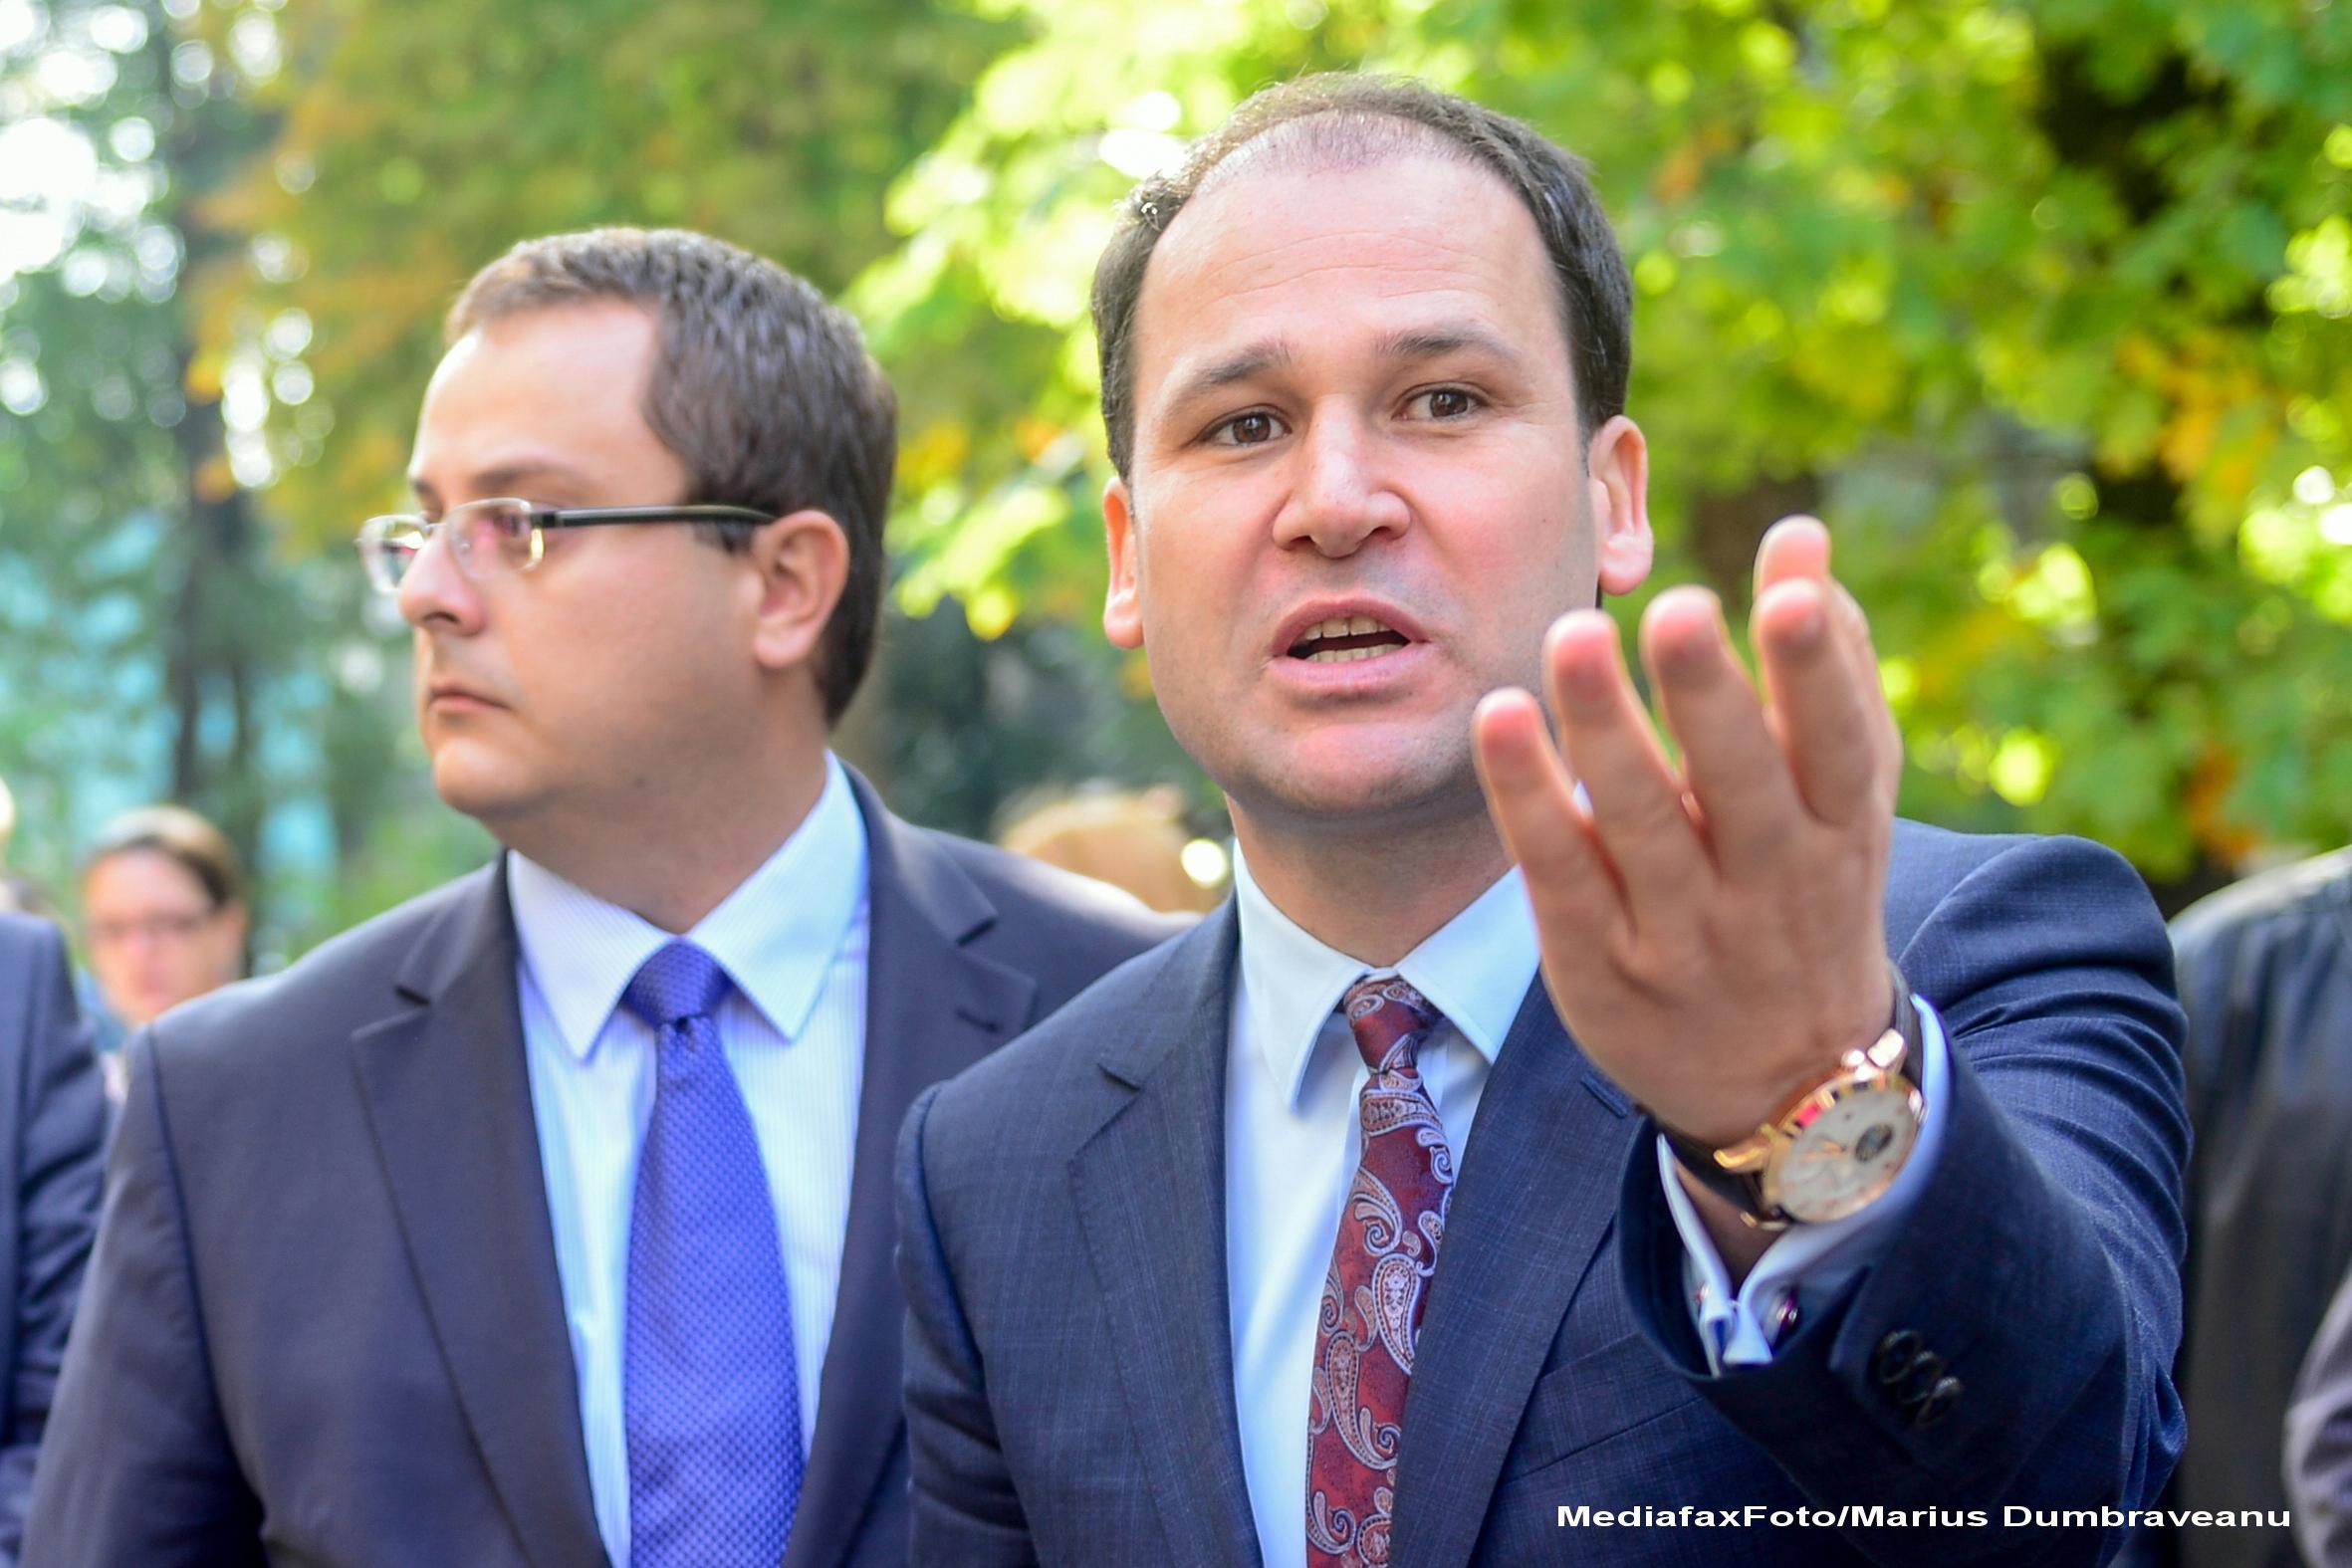 Primarul Robert Negoita renunta la construirea unei sali de 10 milioane de euro in parcul Titan